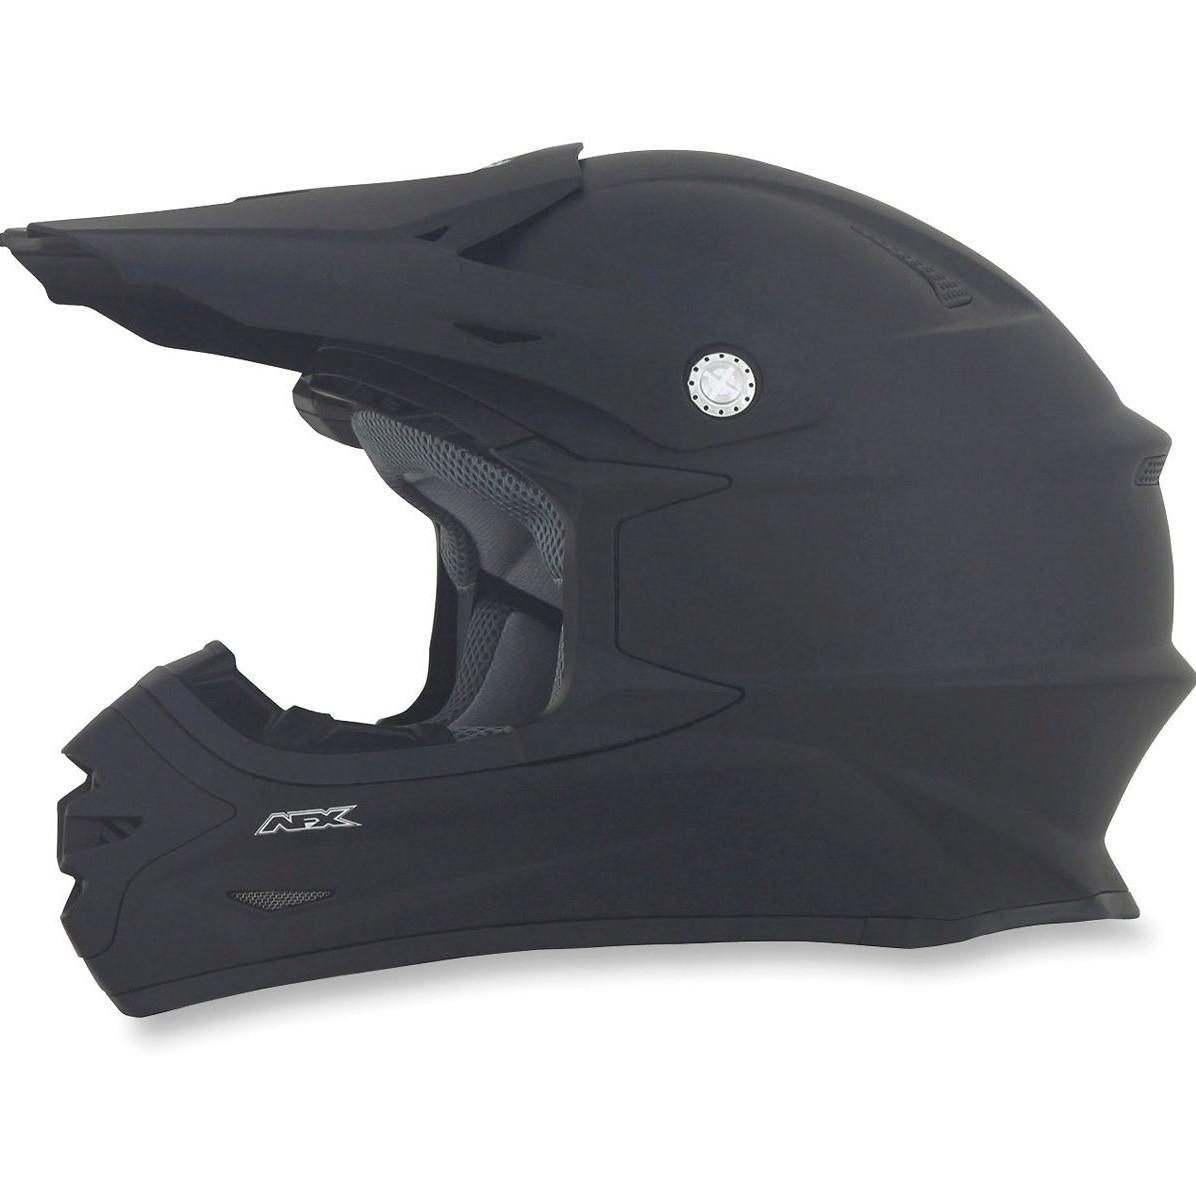 AFX Fx 21 Helmet  2014-afx-fx-21-helmet-mcss.jpg